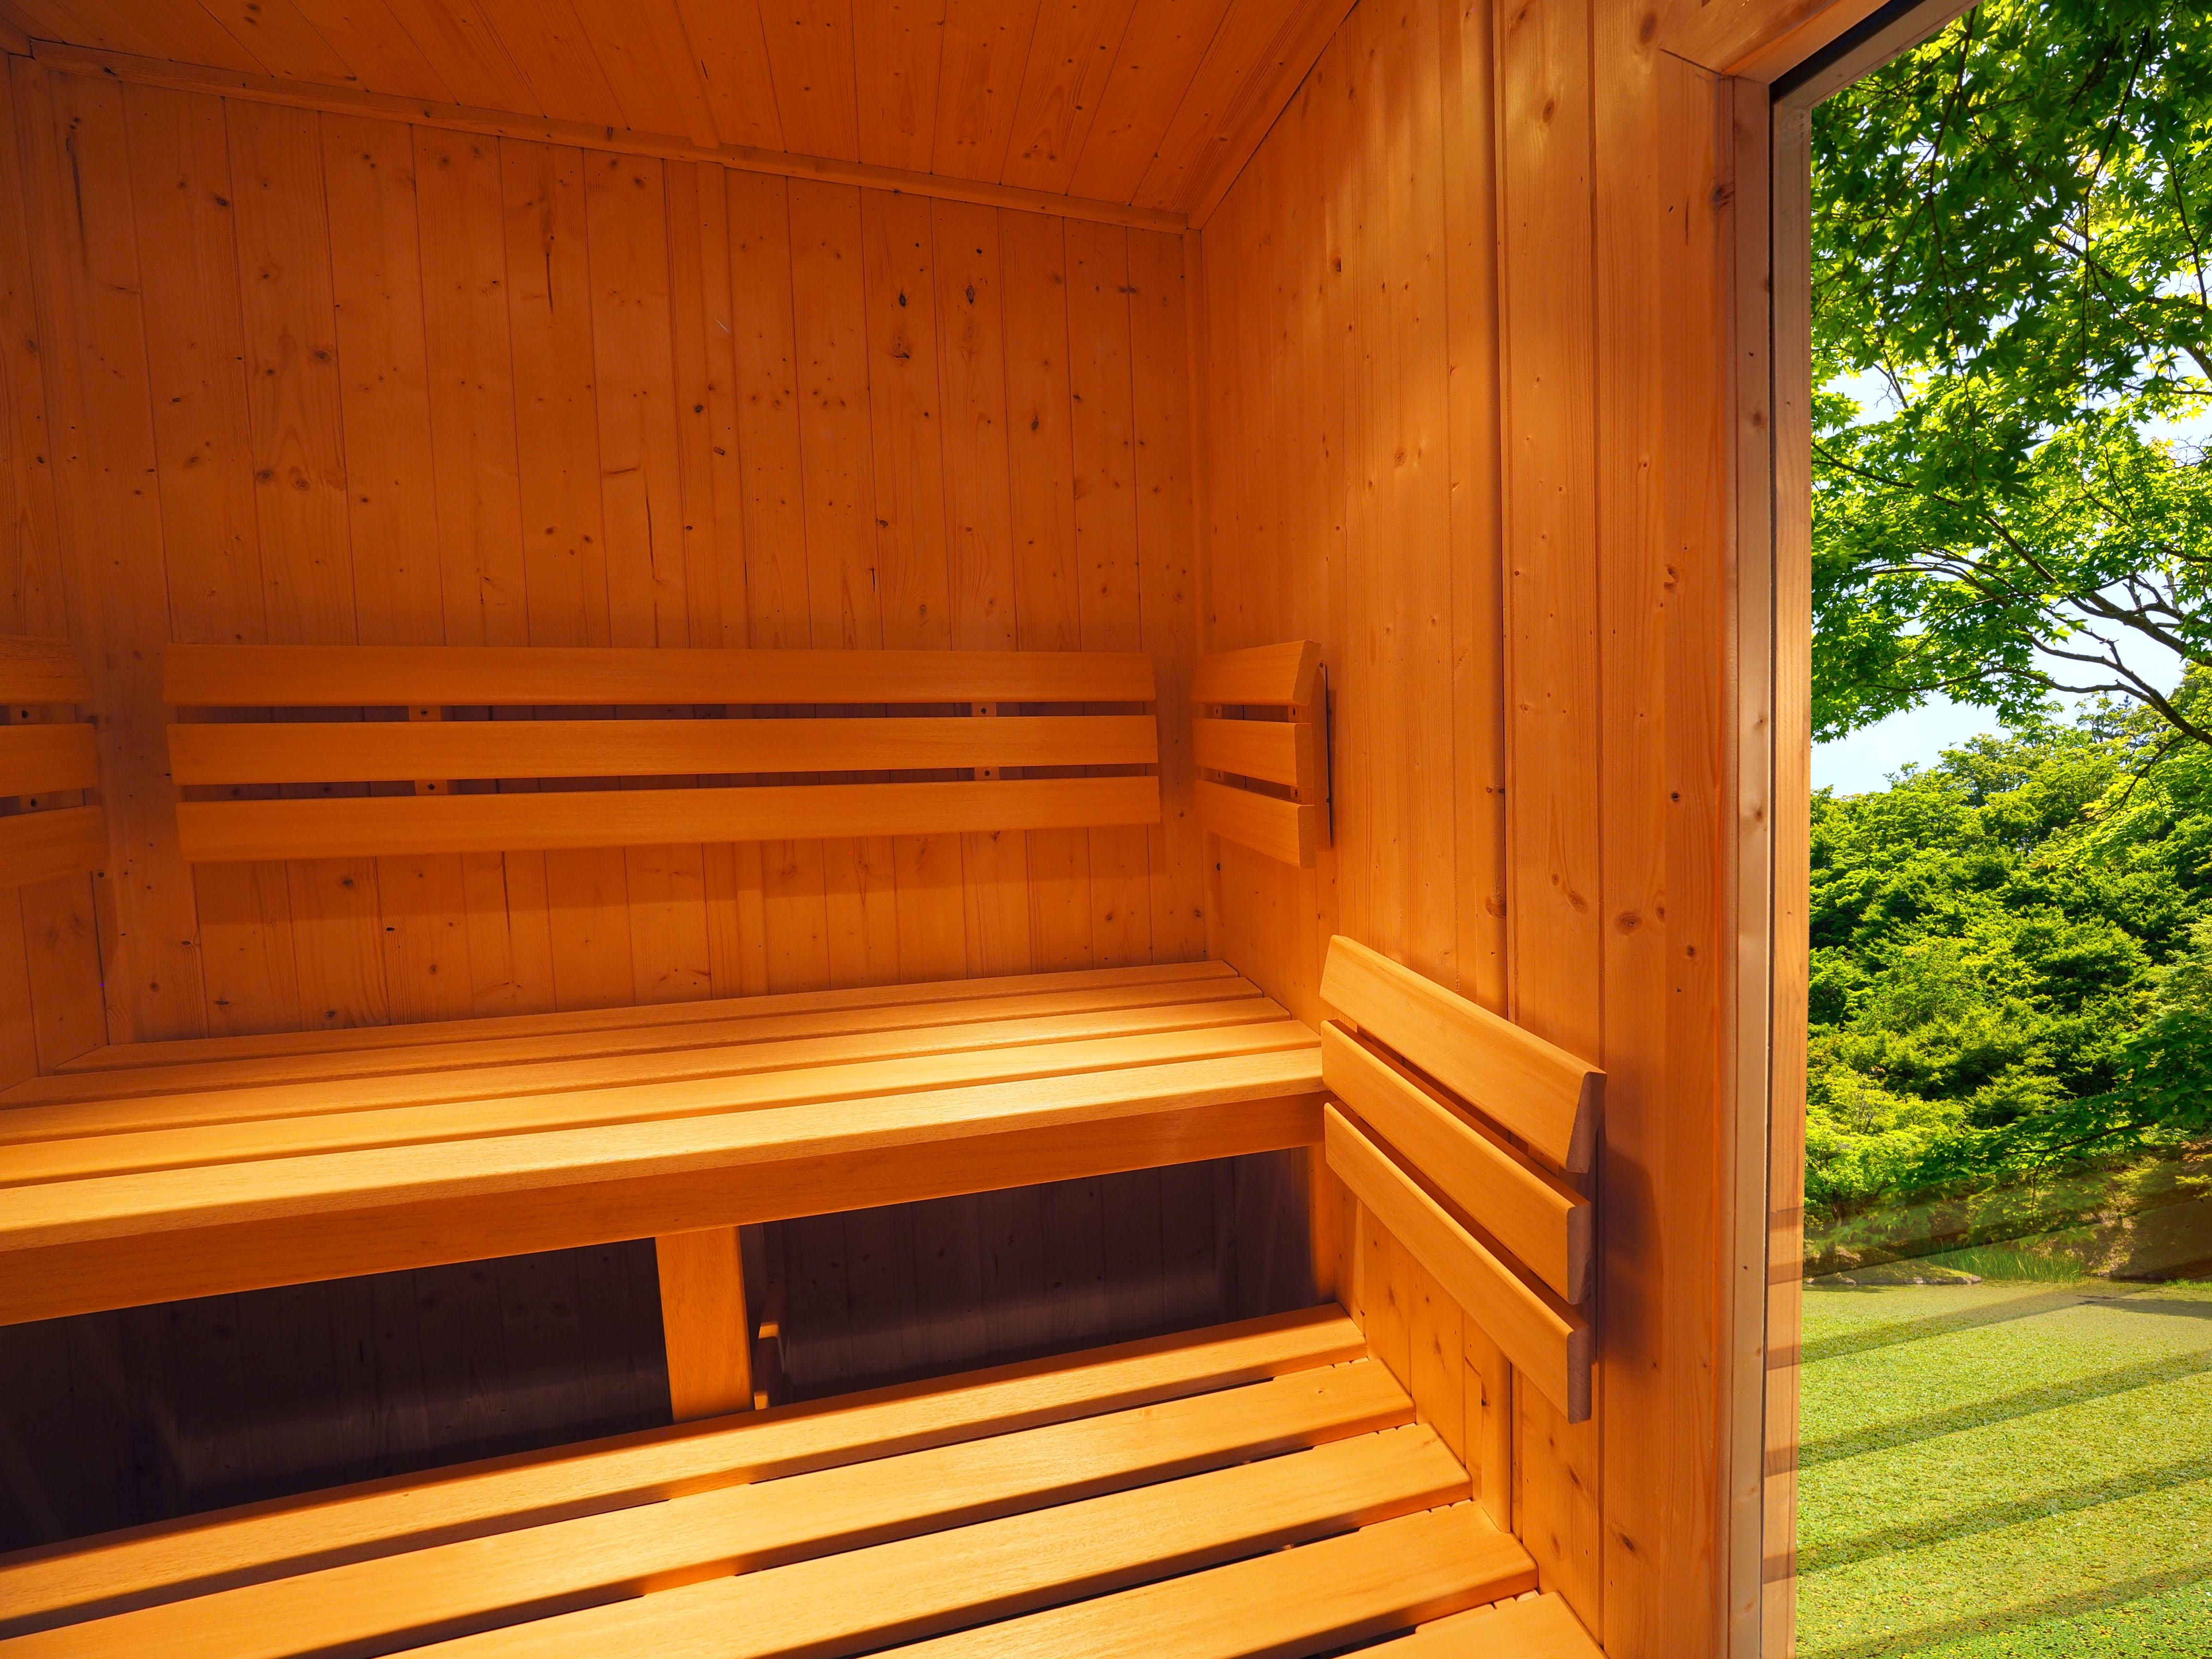 Interior de la sauna de exterior Oceanic E2020